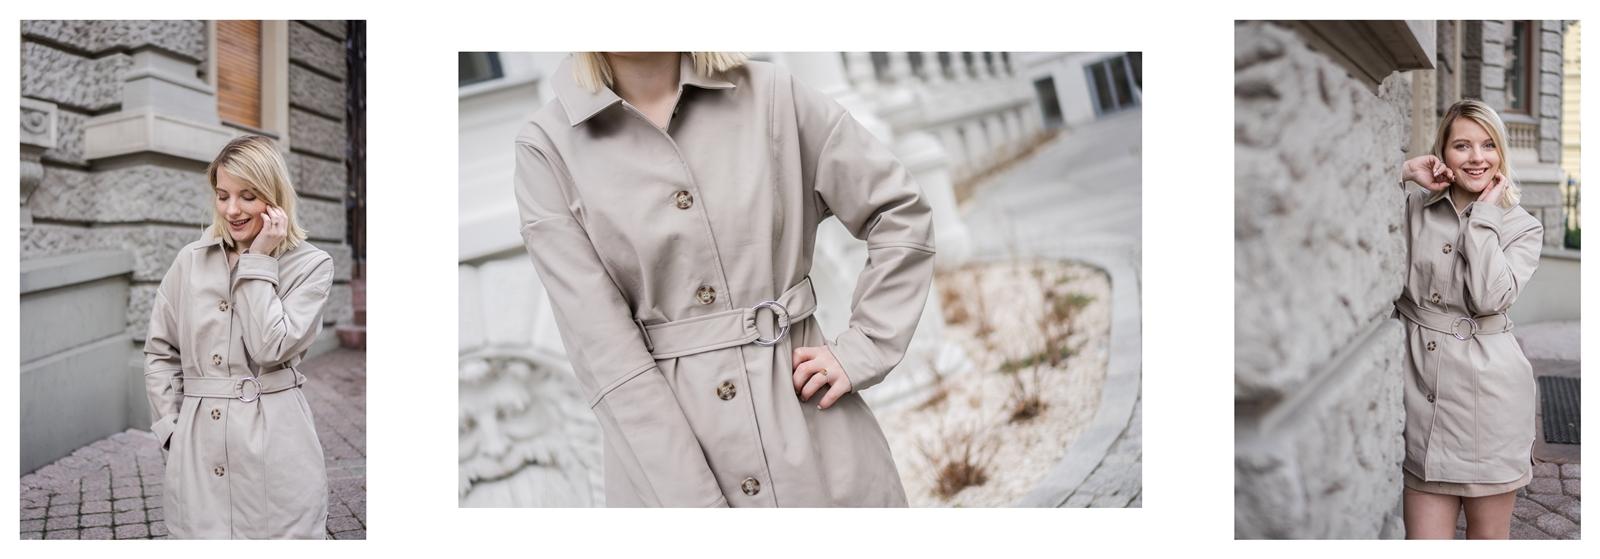 3a na-kd na kd lounge kod zniżkowy outlet rabat zakupy płaszcz na jesień kremowy sukienka modne stylizacje total look blog łódź fashion lifestyle